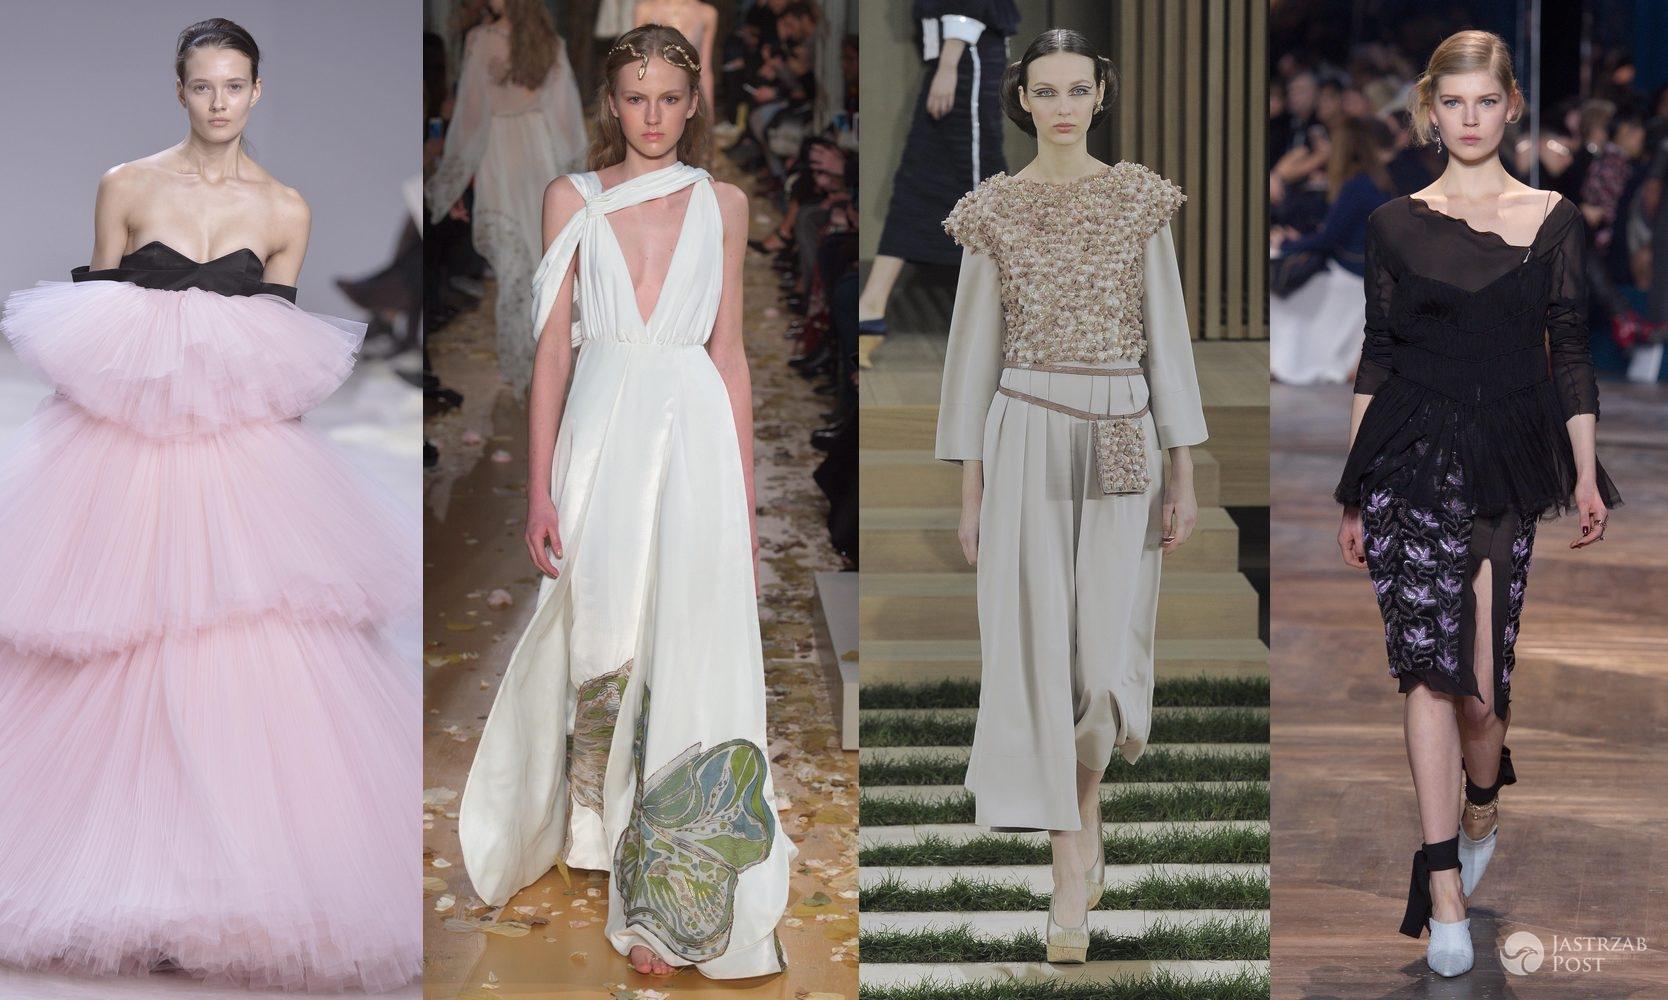 Od lewej: Alicja Tubilewicz (pokaz Giambattista Valli), Paula Gałecka (pokaz Valentino), Ala Sekuła (pokaz Chanel), Ola Rudnicka (pokaz Dior) (fot. ONS)